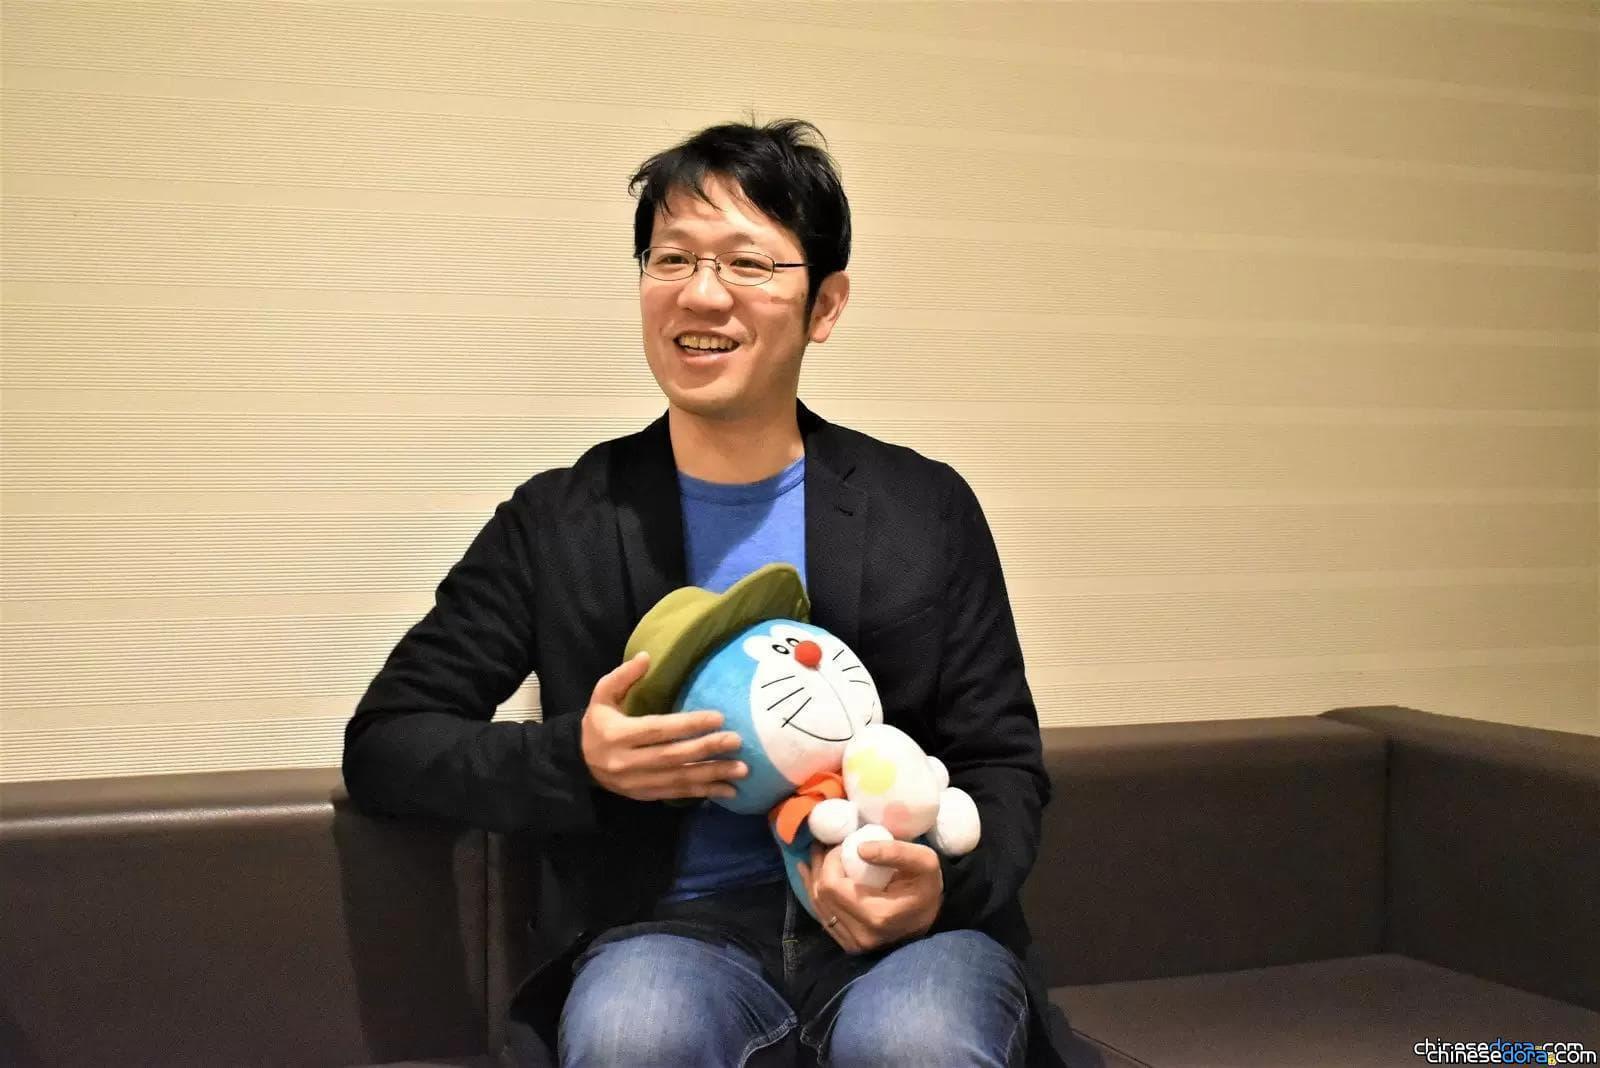 [電影] 《大雄的新恐龍》導演今井一曉專訪:不刻意將《哆啦A夢》電影作成「兒童取向」的故事